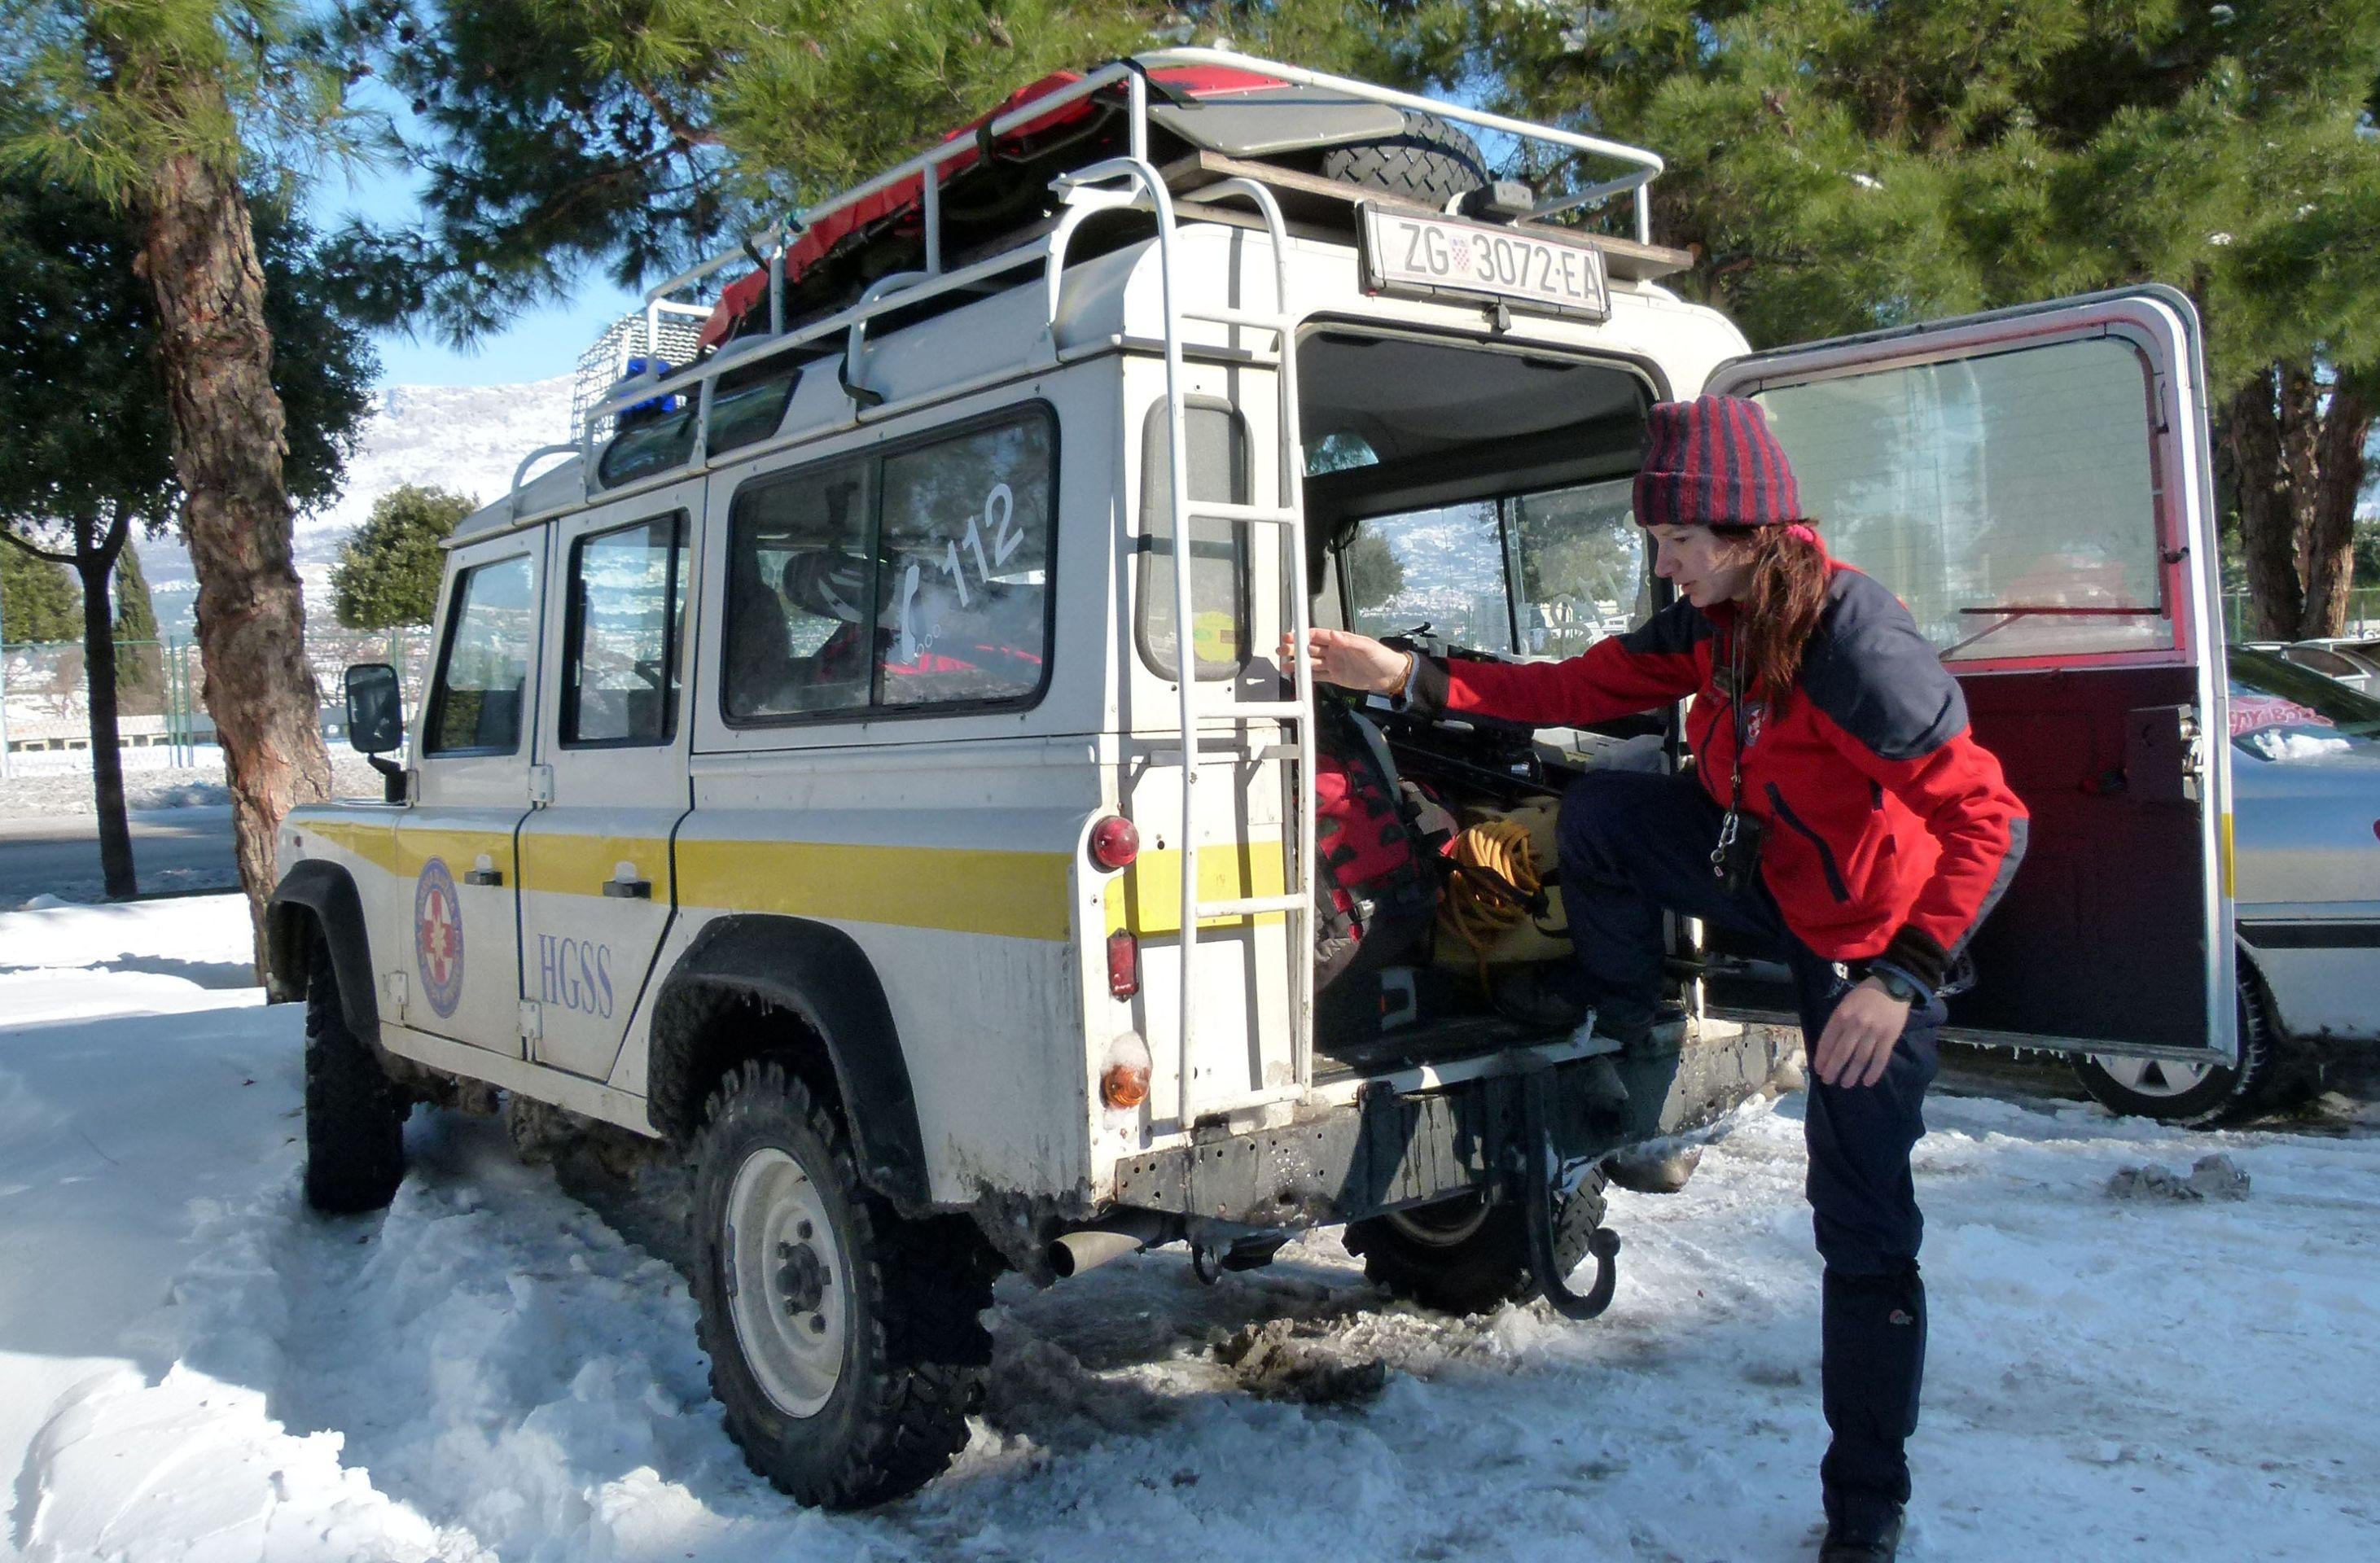 HGSS uvježbava spašavanje osobe koja je propala kroz led u vodu